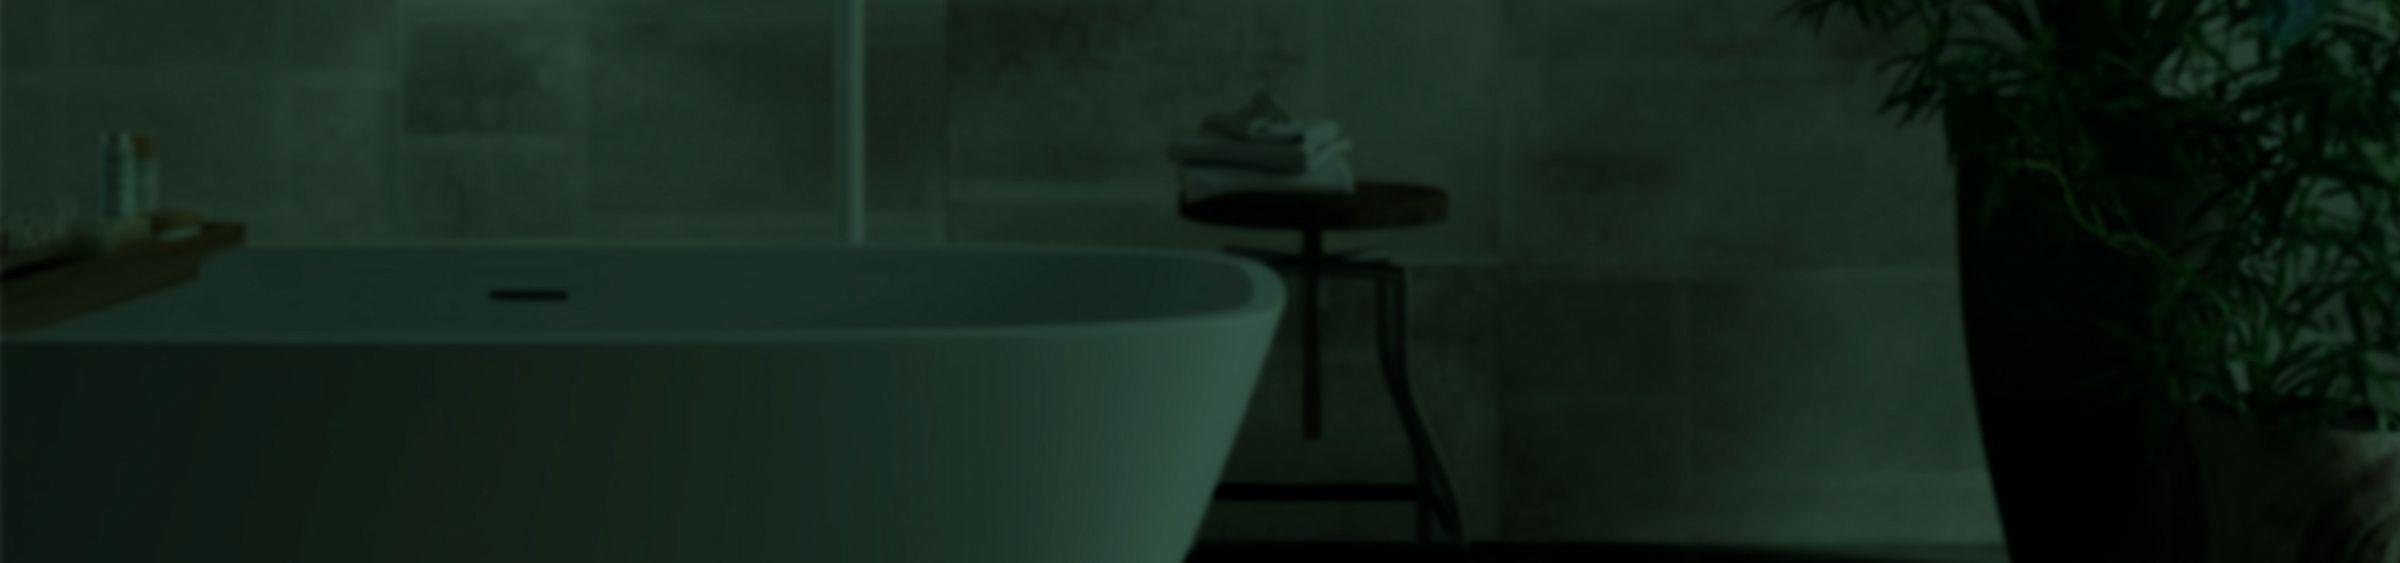 Tegels in de badkamer - Banner - Welke trend stijlen passen bij u?